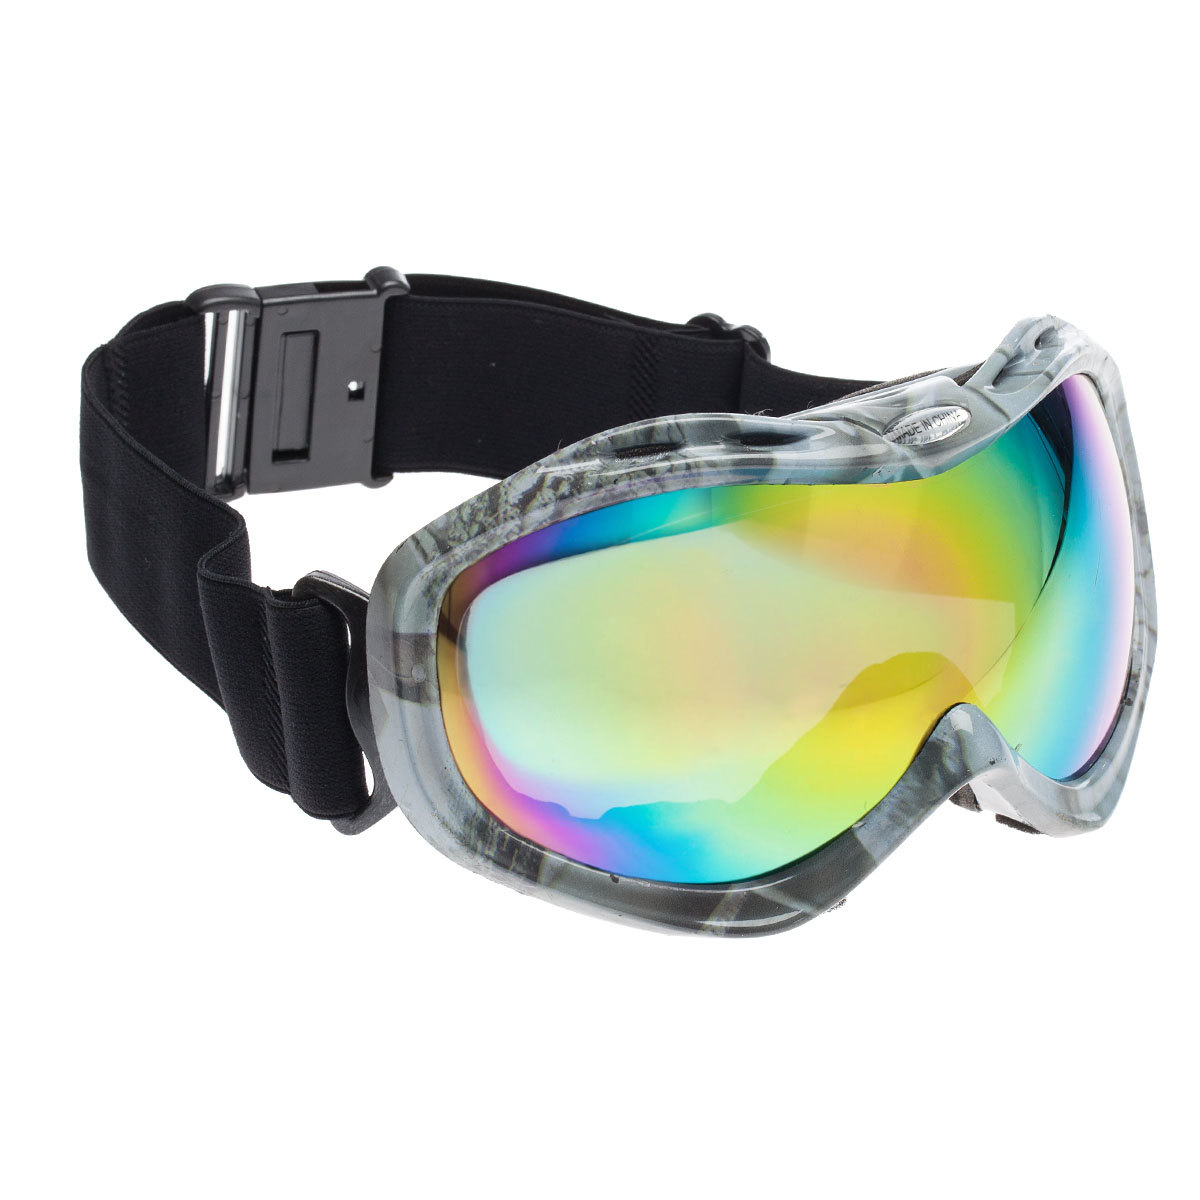 Горнолыжные очки Exparc, 15653-2 цены онлайн